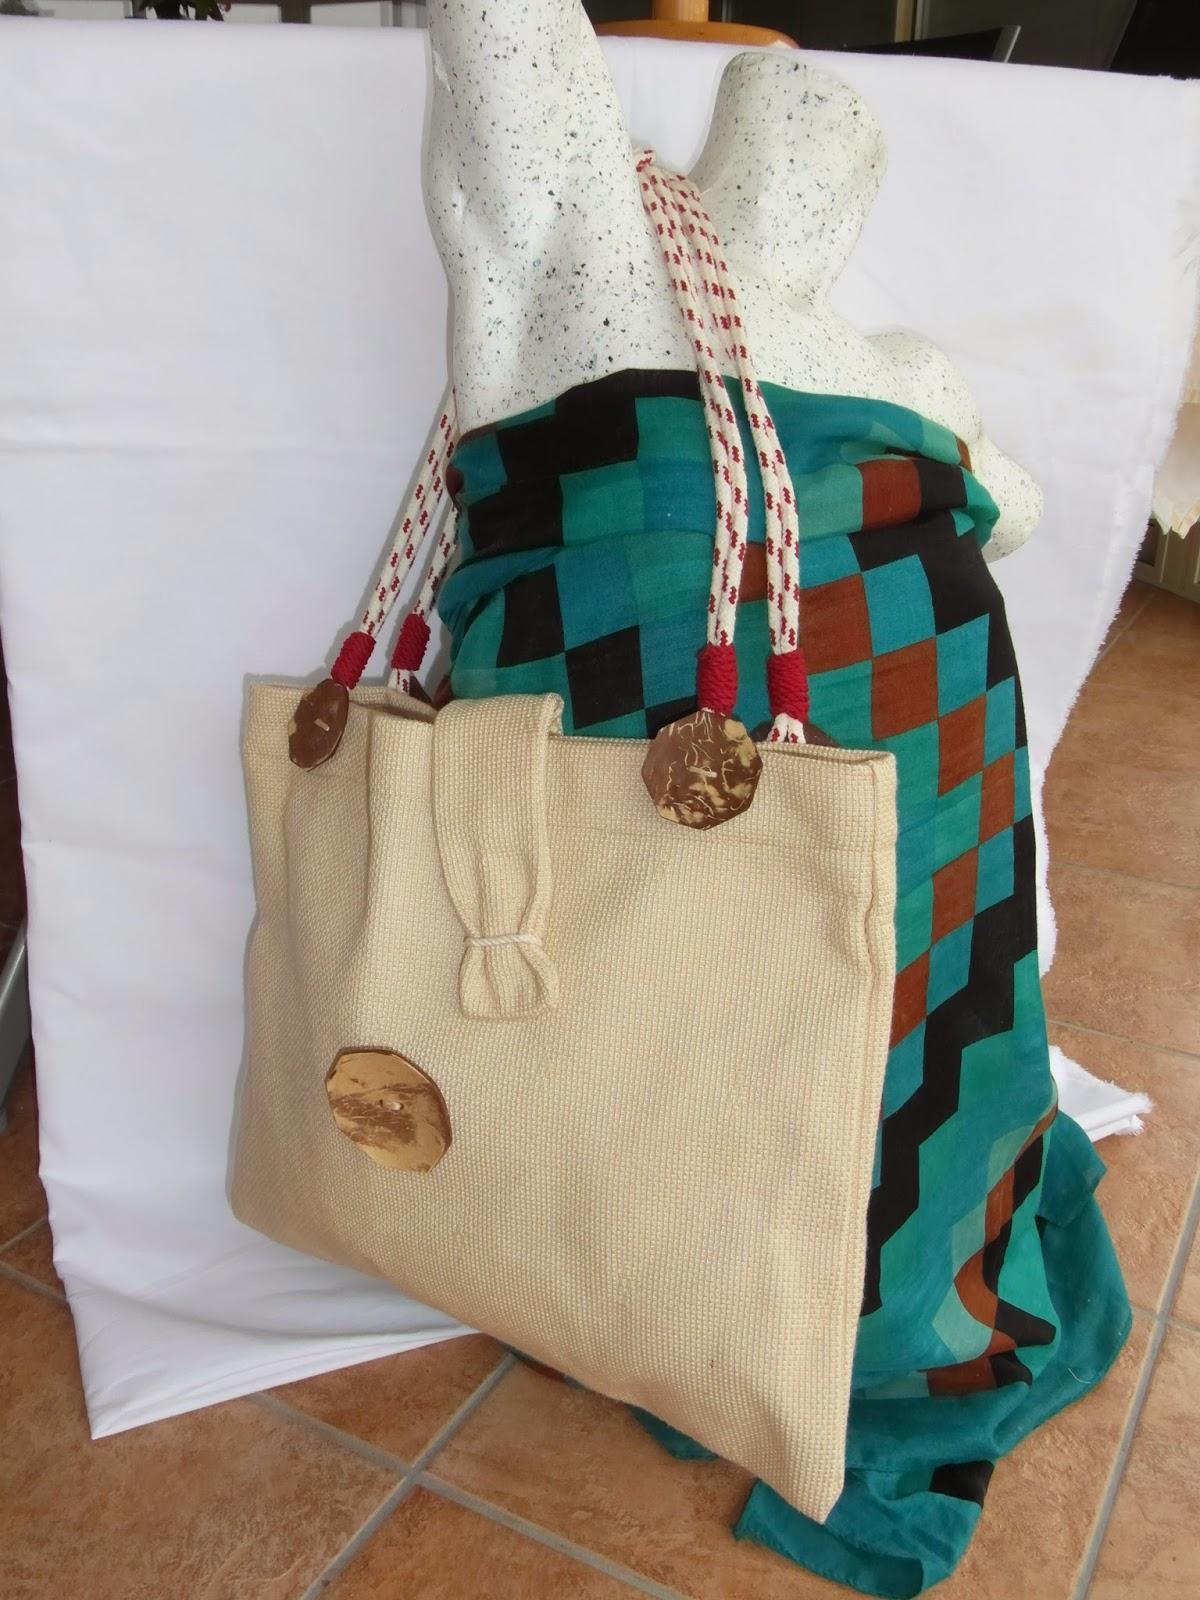 mimie cr ation sac cabas en tissu grosse toile beige. Black Bedroom Furniture Sets. Home Design Ideas